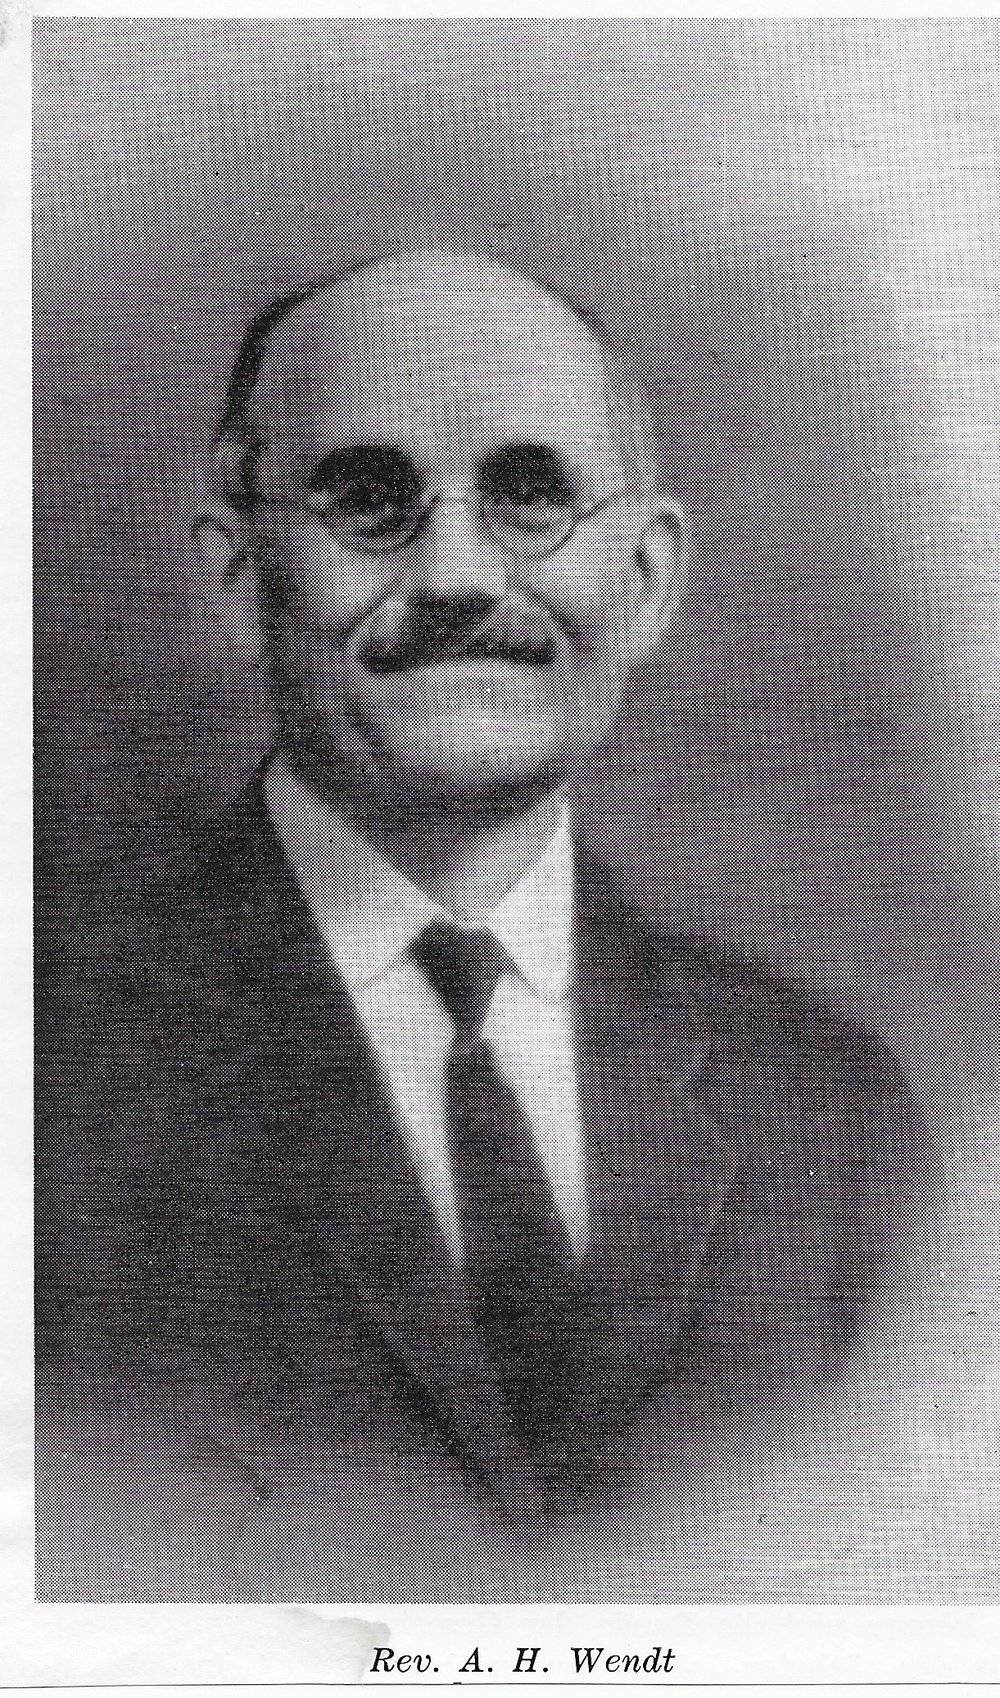 Rev. A.H. Wendt